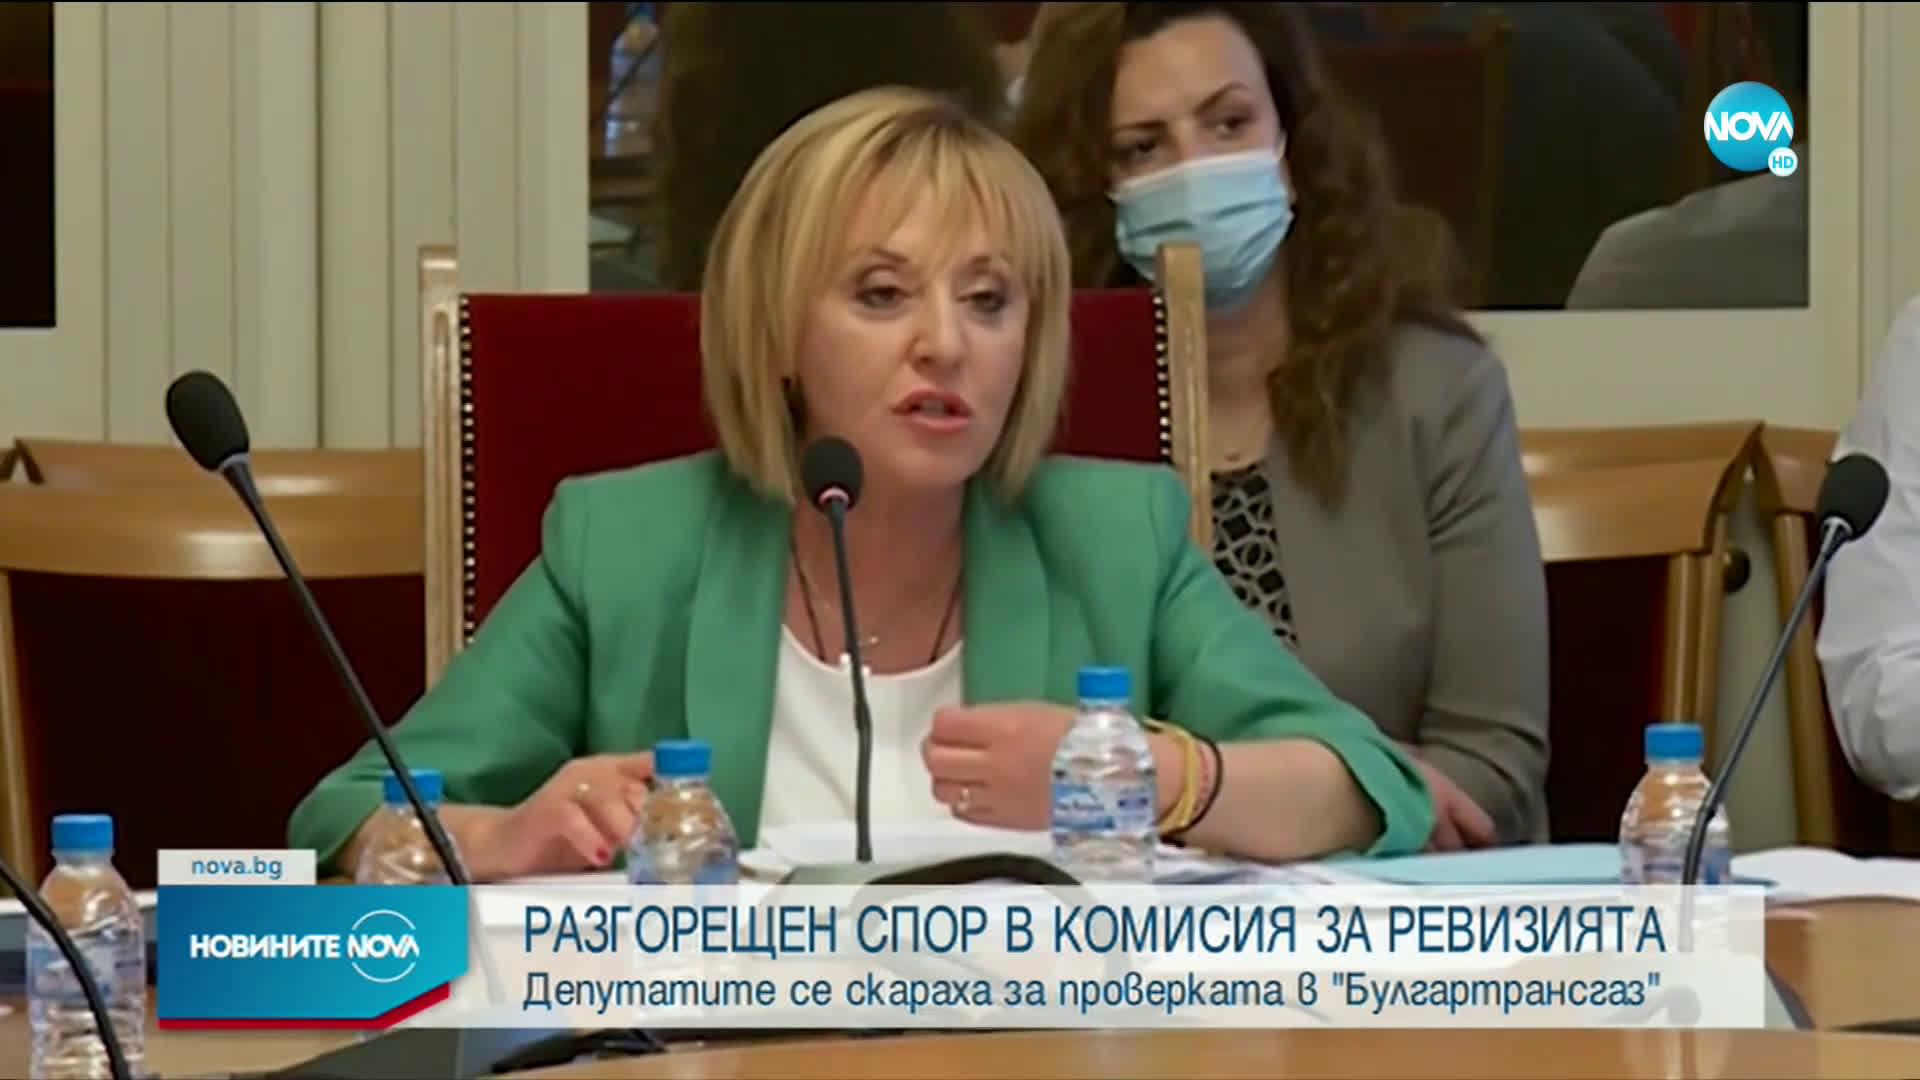 """Депутатите се скараха за проверката в """"Булгартрансгаз"""""""